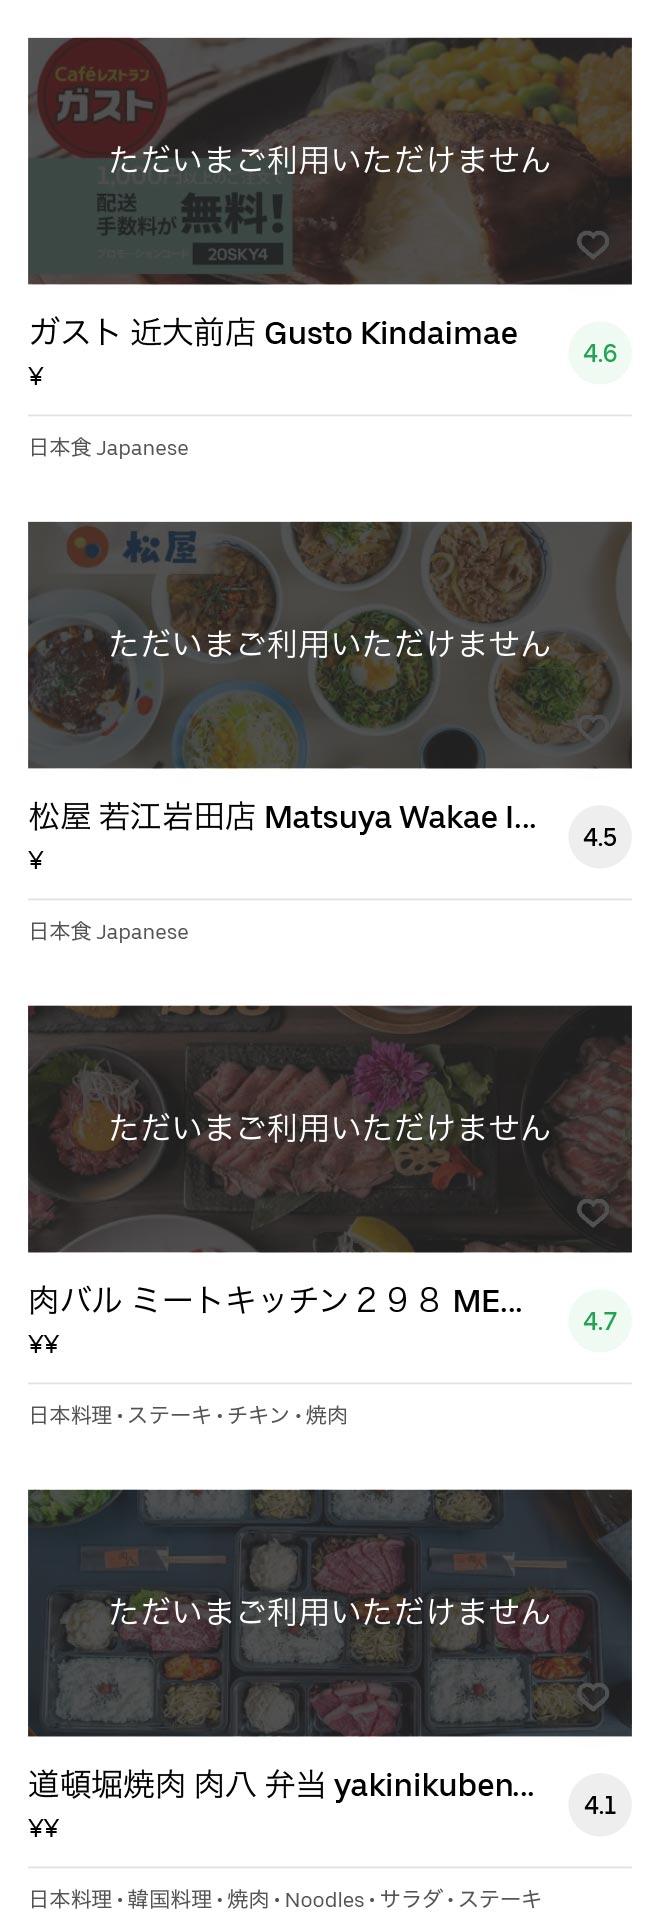 Higashi osaka higashi hanazono menu 2005 08